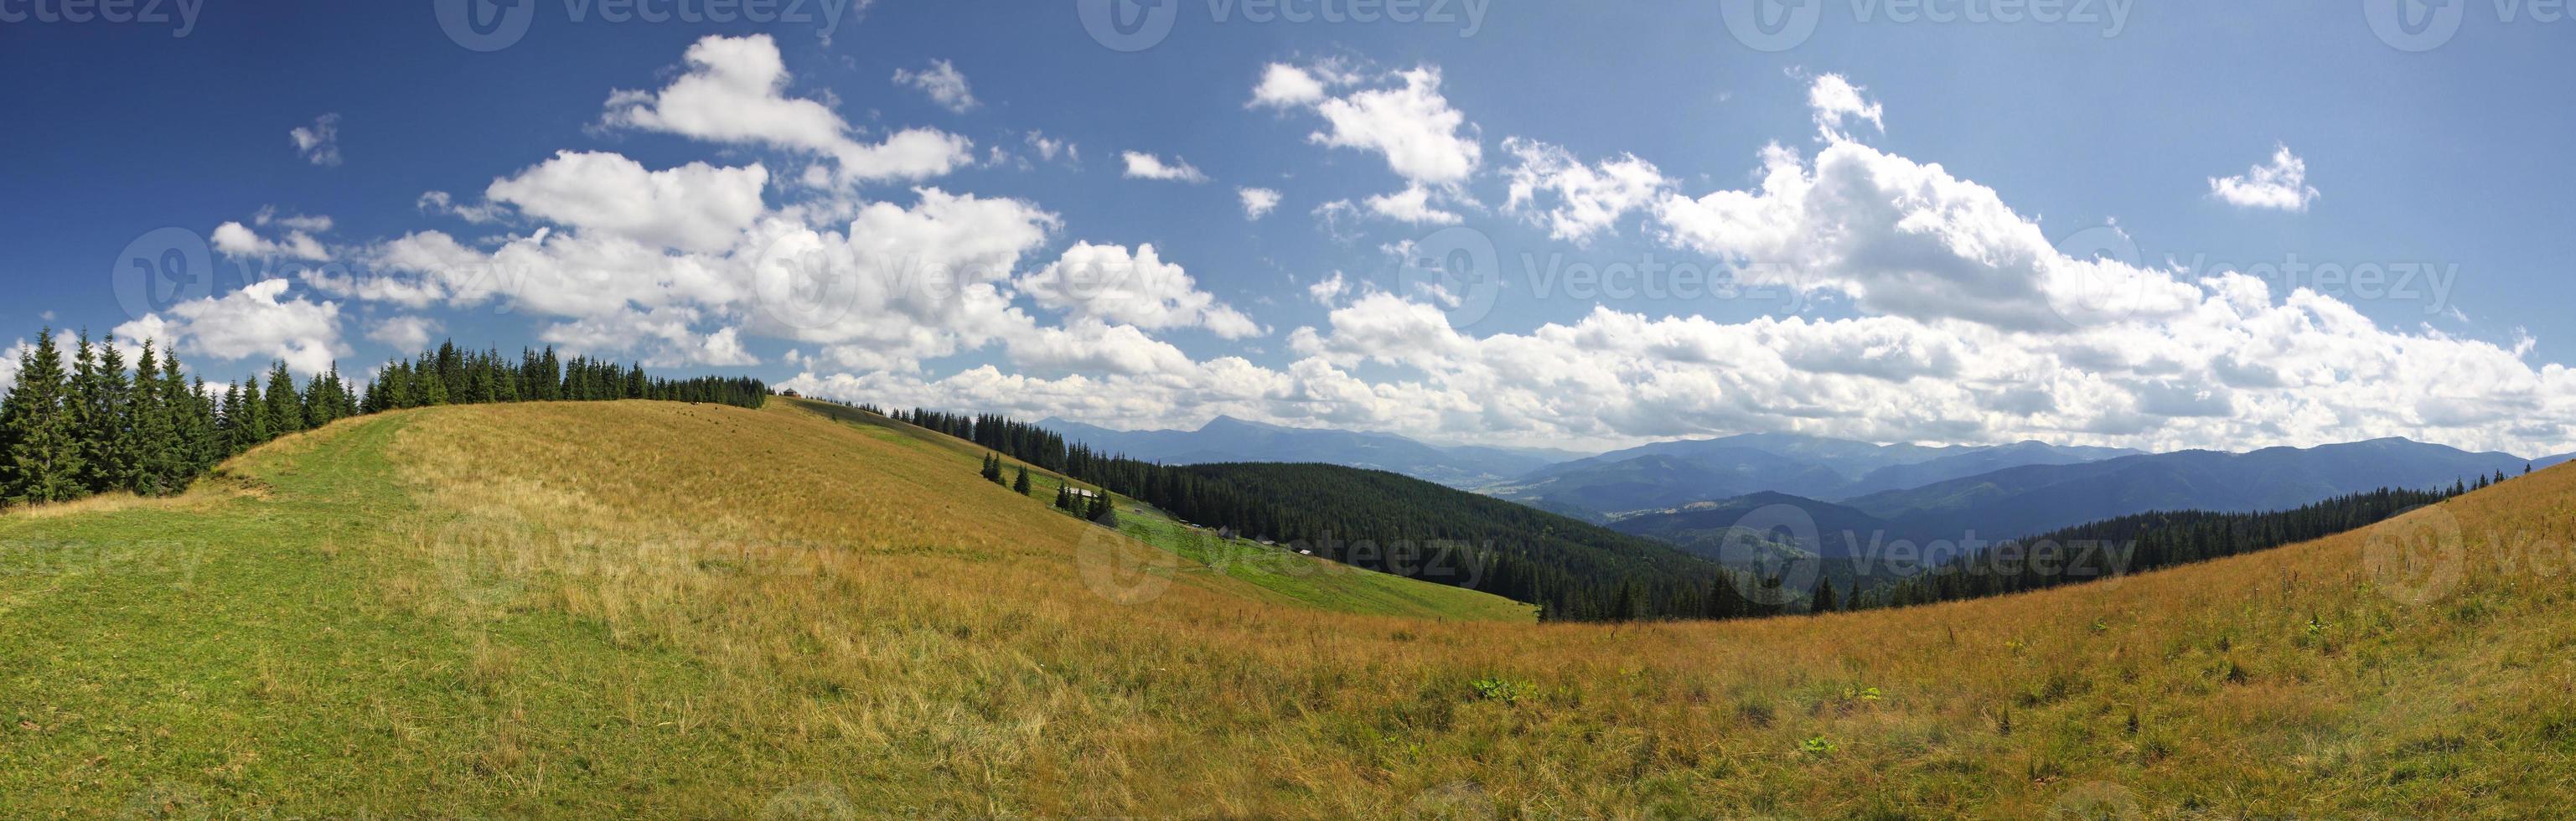 Vue panoramique sur les montagnes des Carpates, Ukraine photo